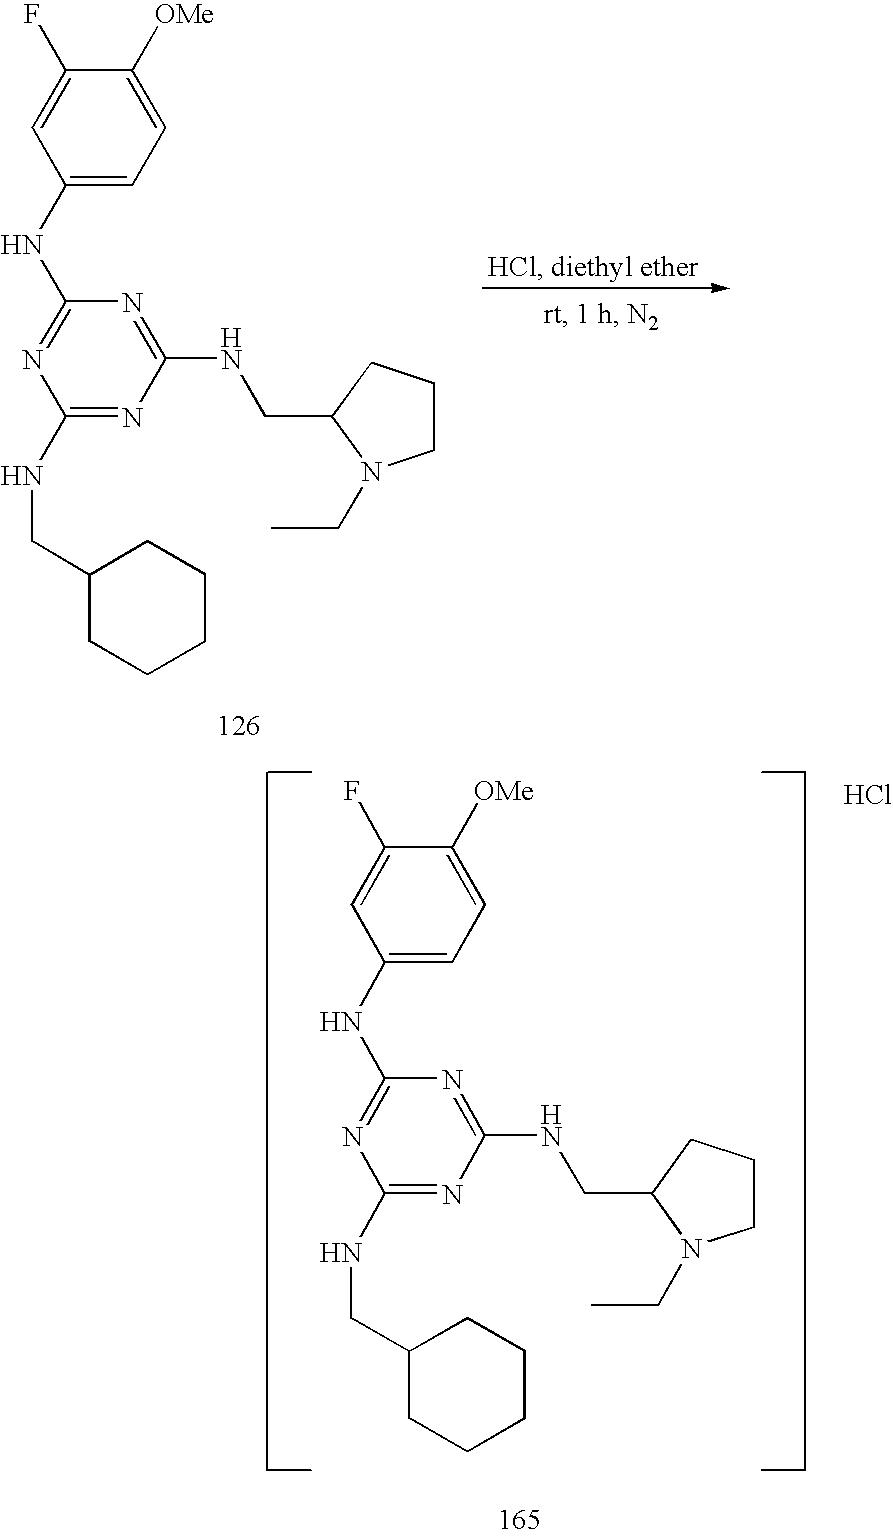 Figure US20050113341A1-20050526-C00186